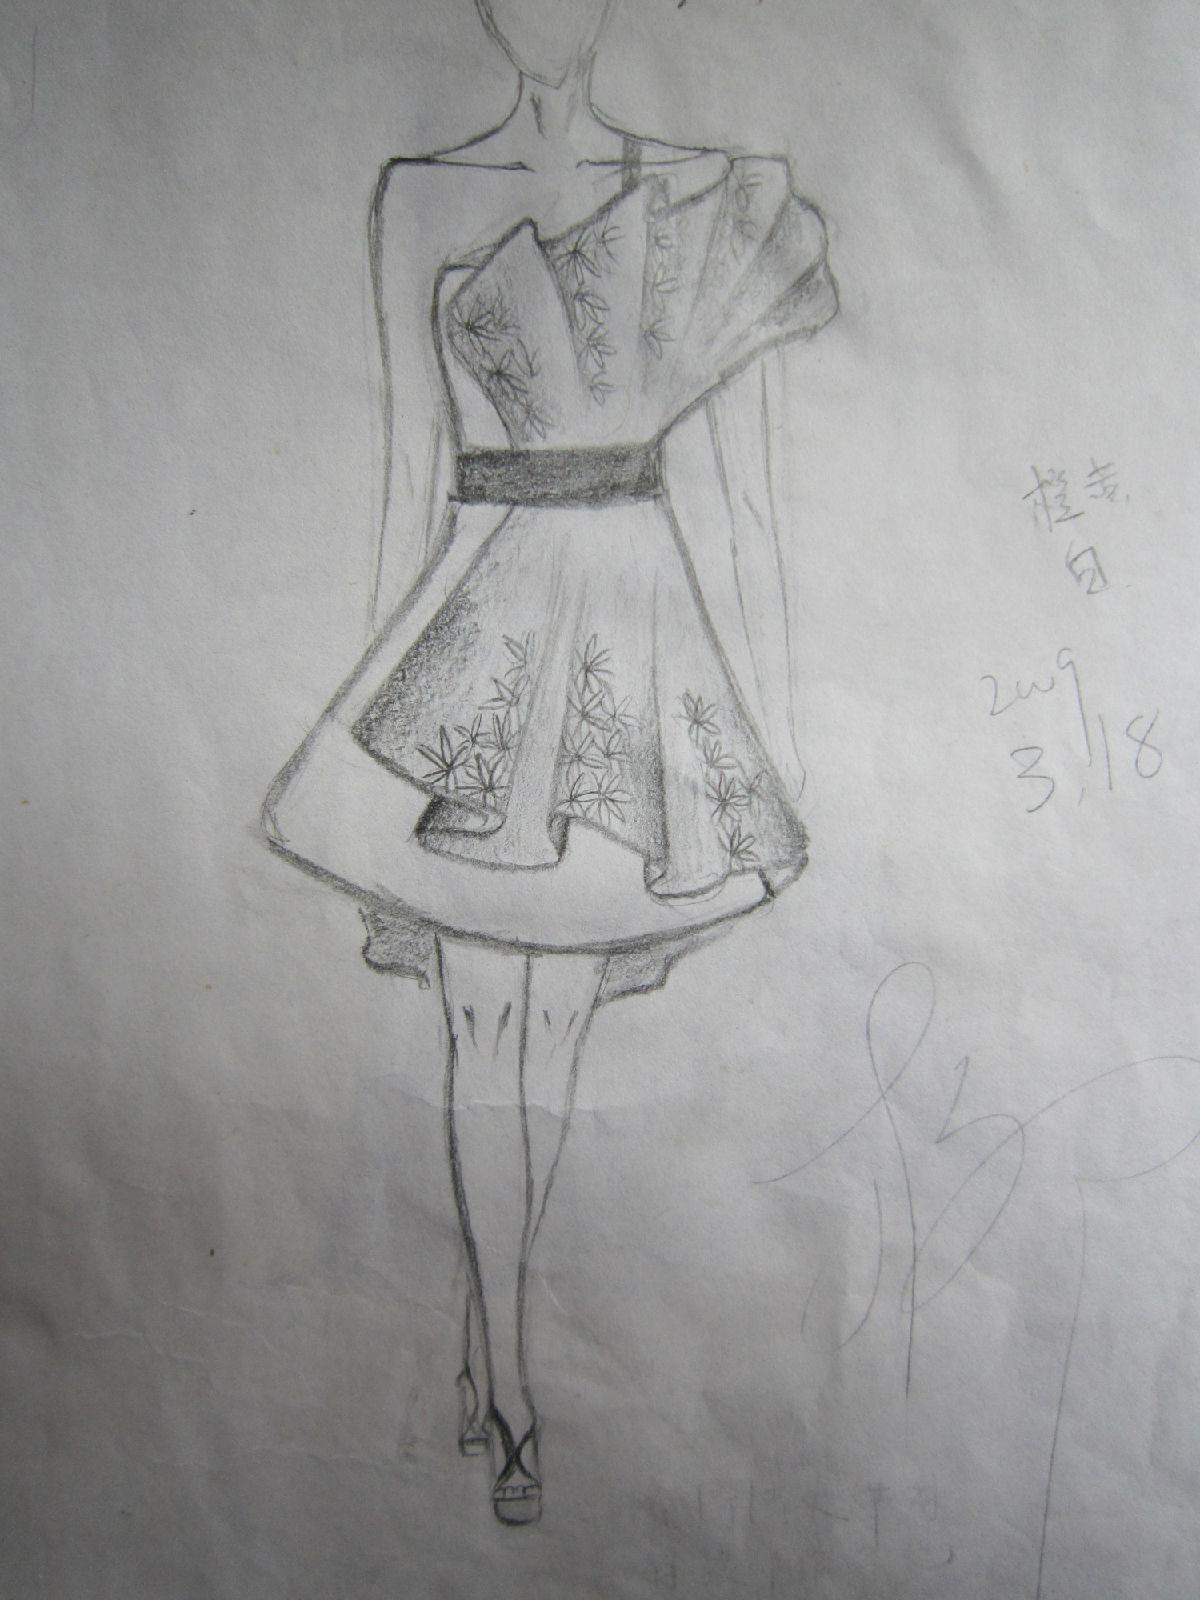 手绘现代美女图片_服装设计分_时尚服装设计图手稿_简易美女手绘图片图片